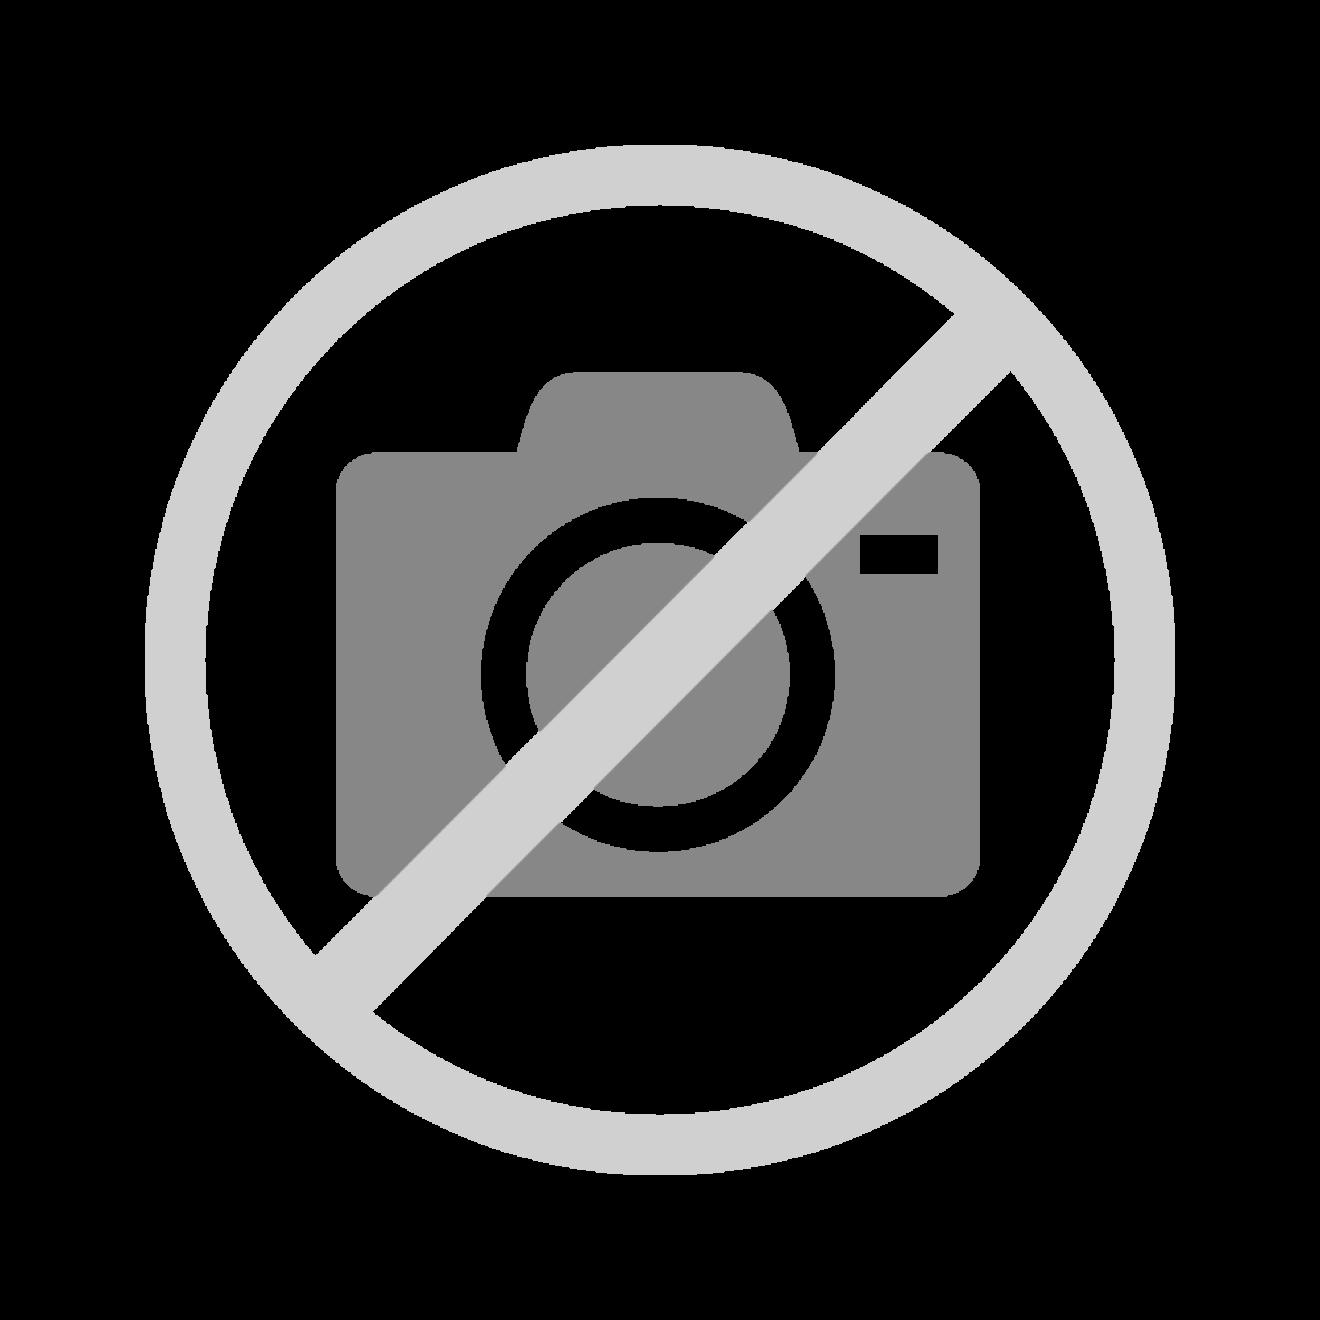 inkontinenz kissenbezug aus polyurethan pu mit rei verschluss. Black Bedroom Furniture Sets. Home Design Ideas